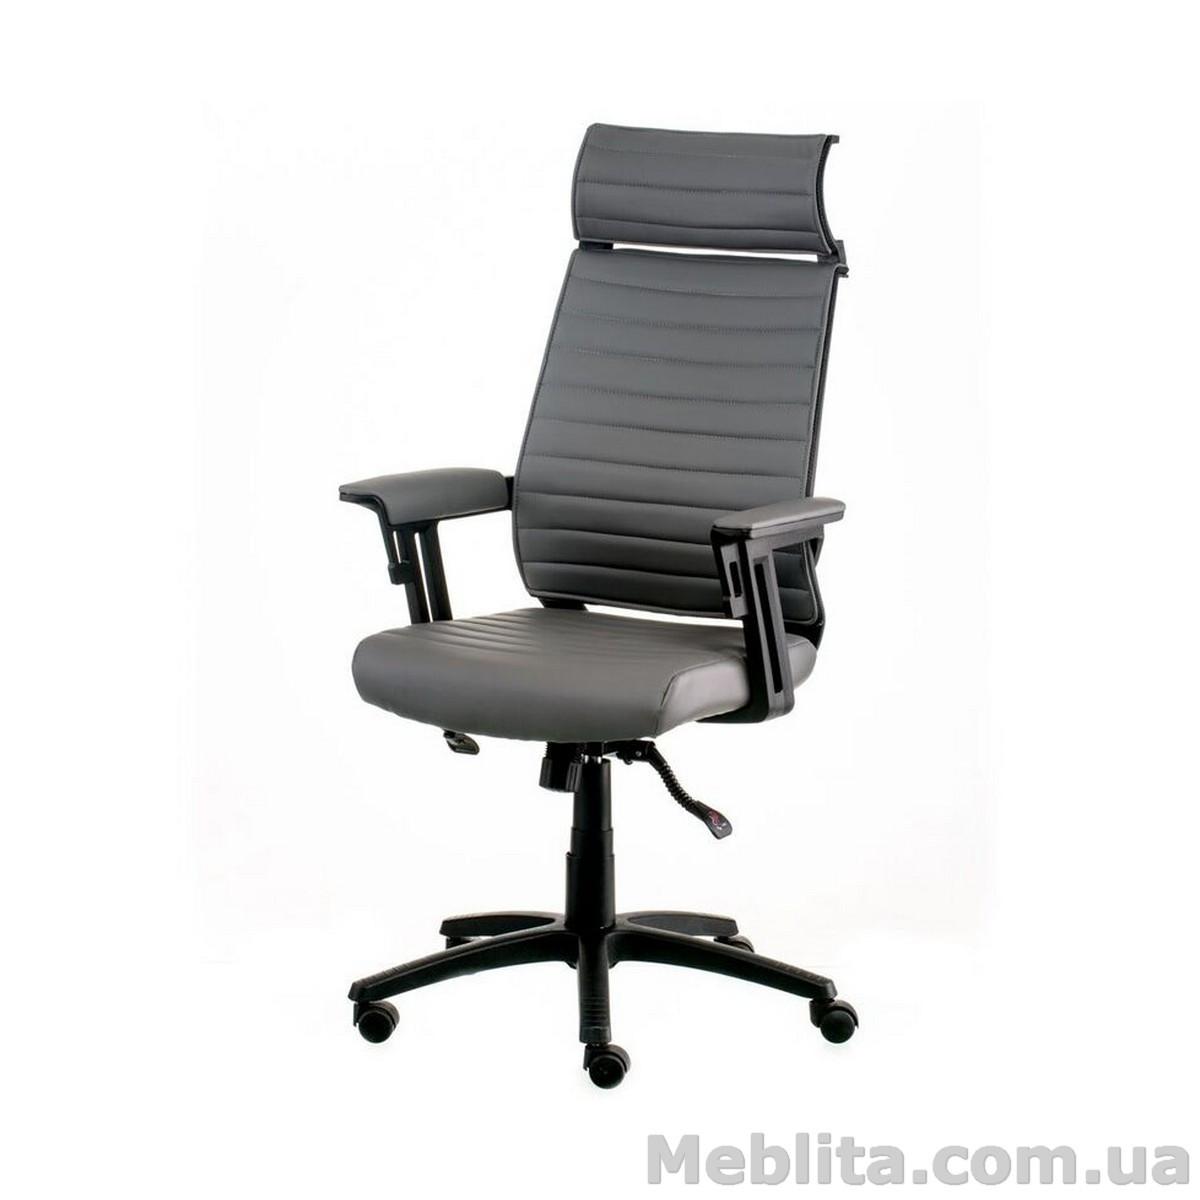 Кресло офисное Monika grey Special4You